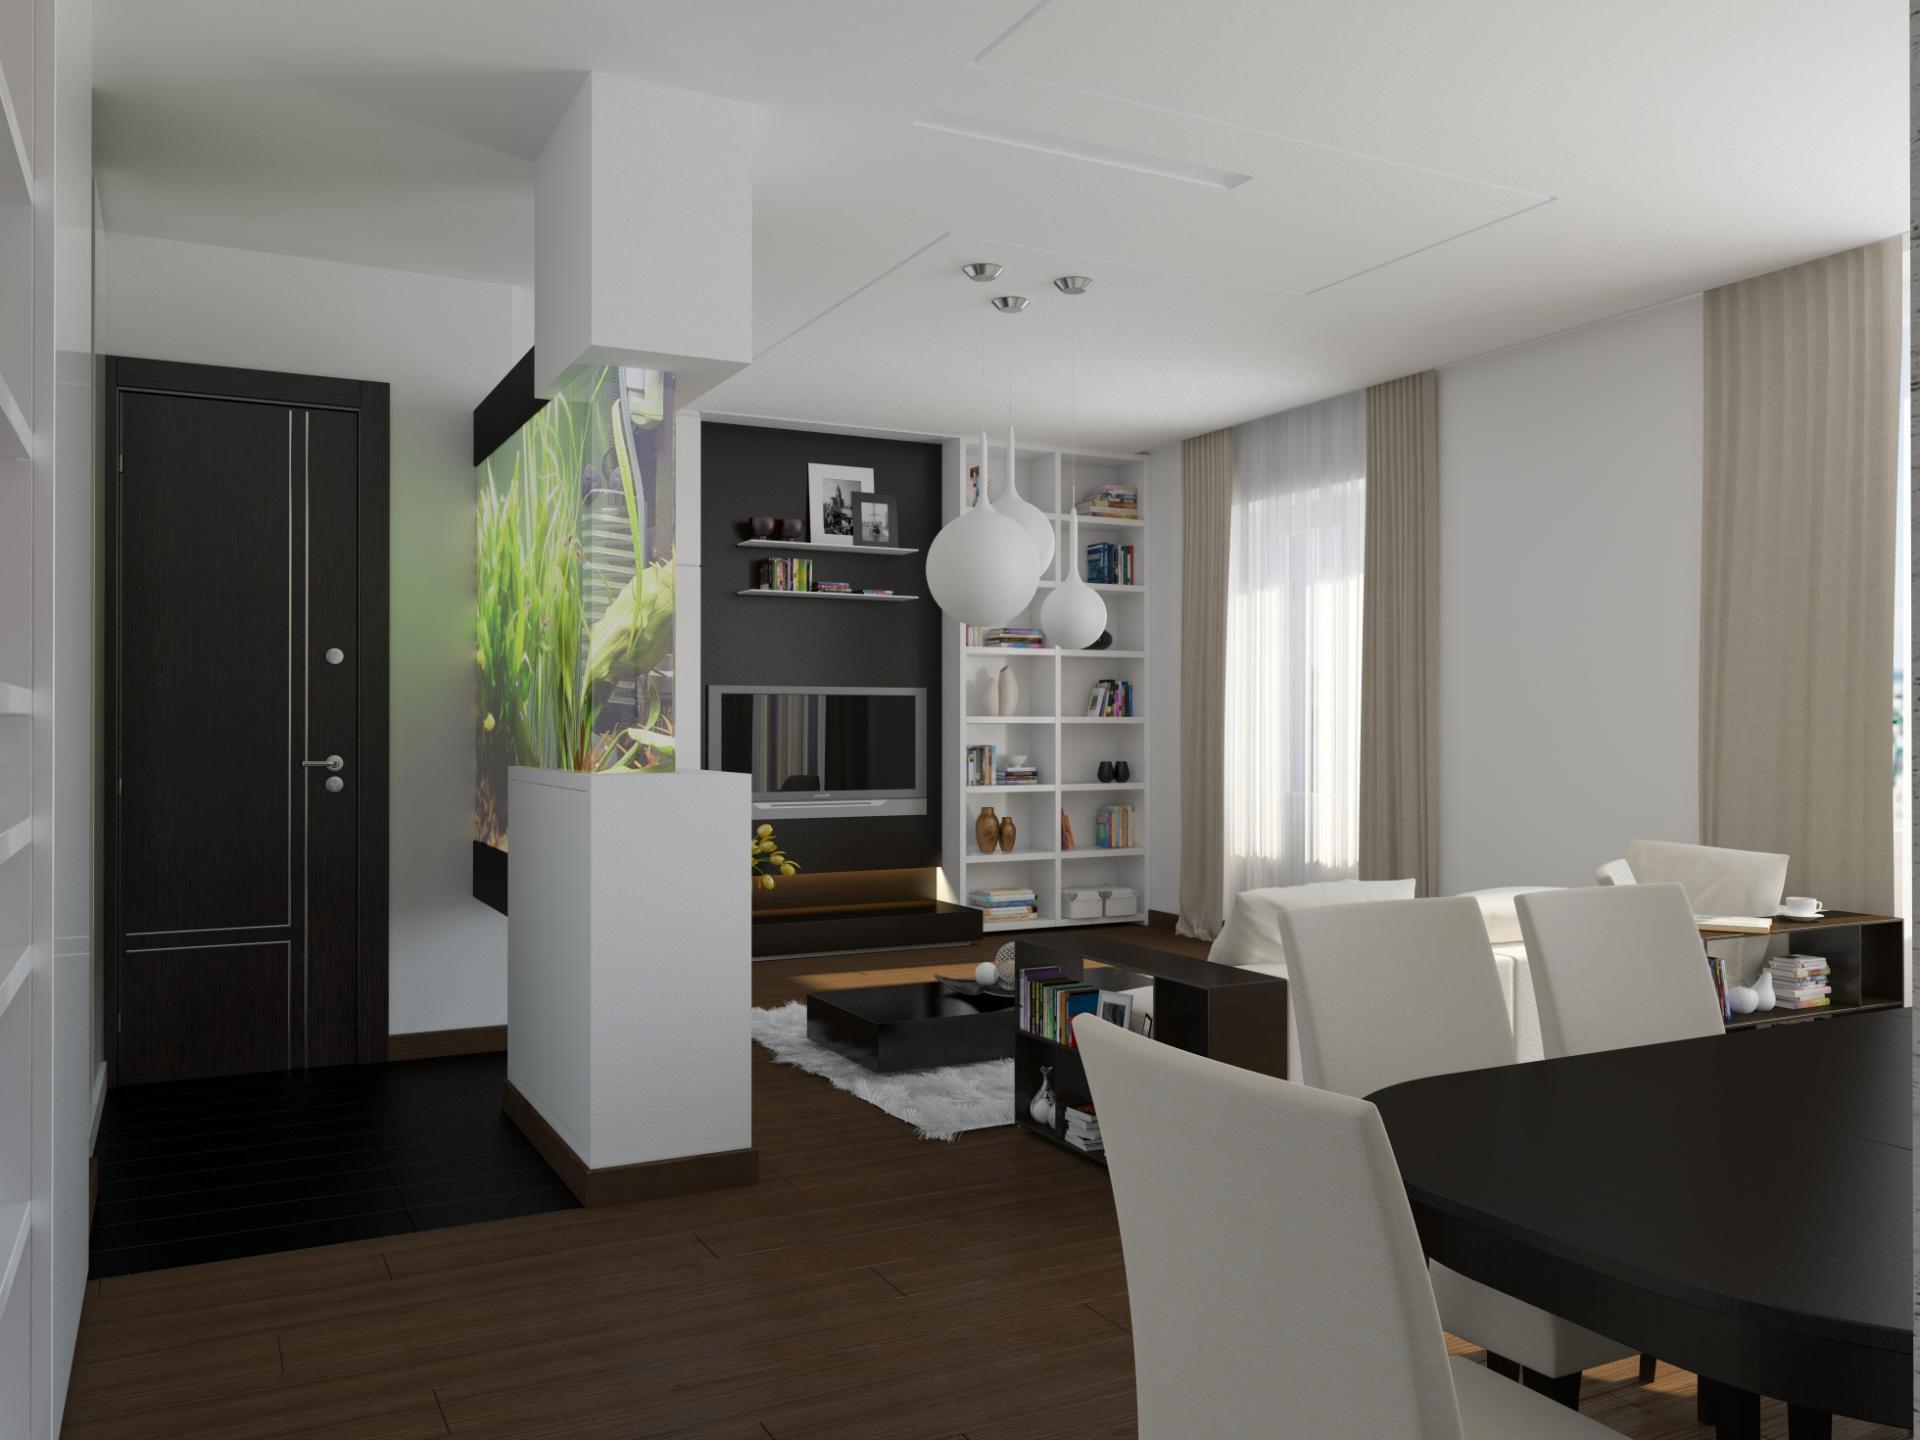 Чудесное оформление интерьера квартиры в стиле минимализм